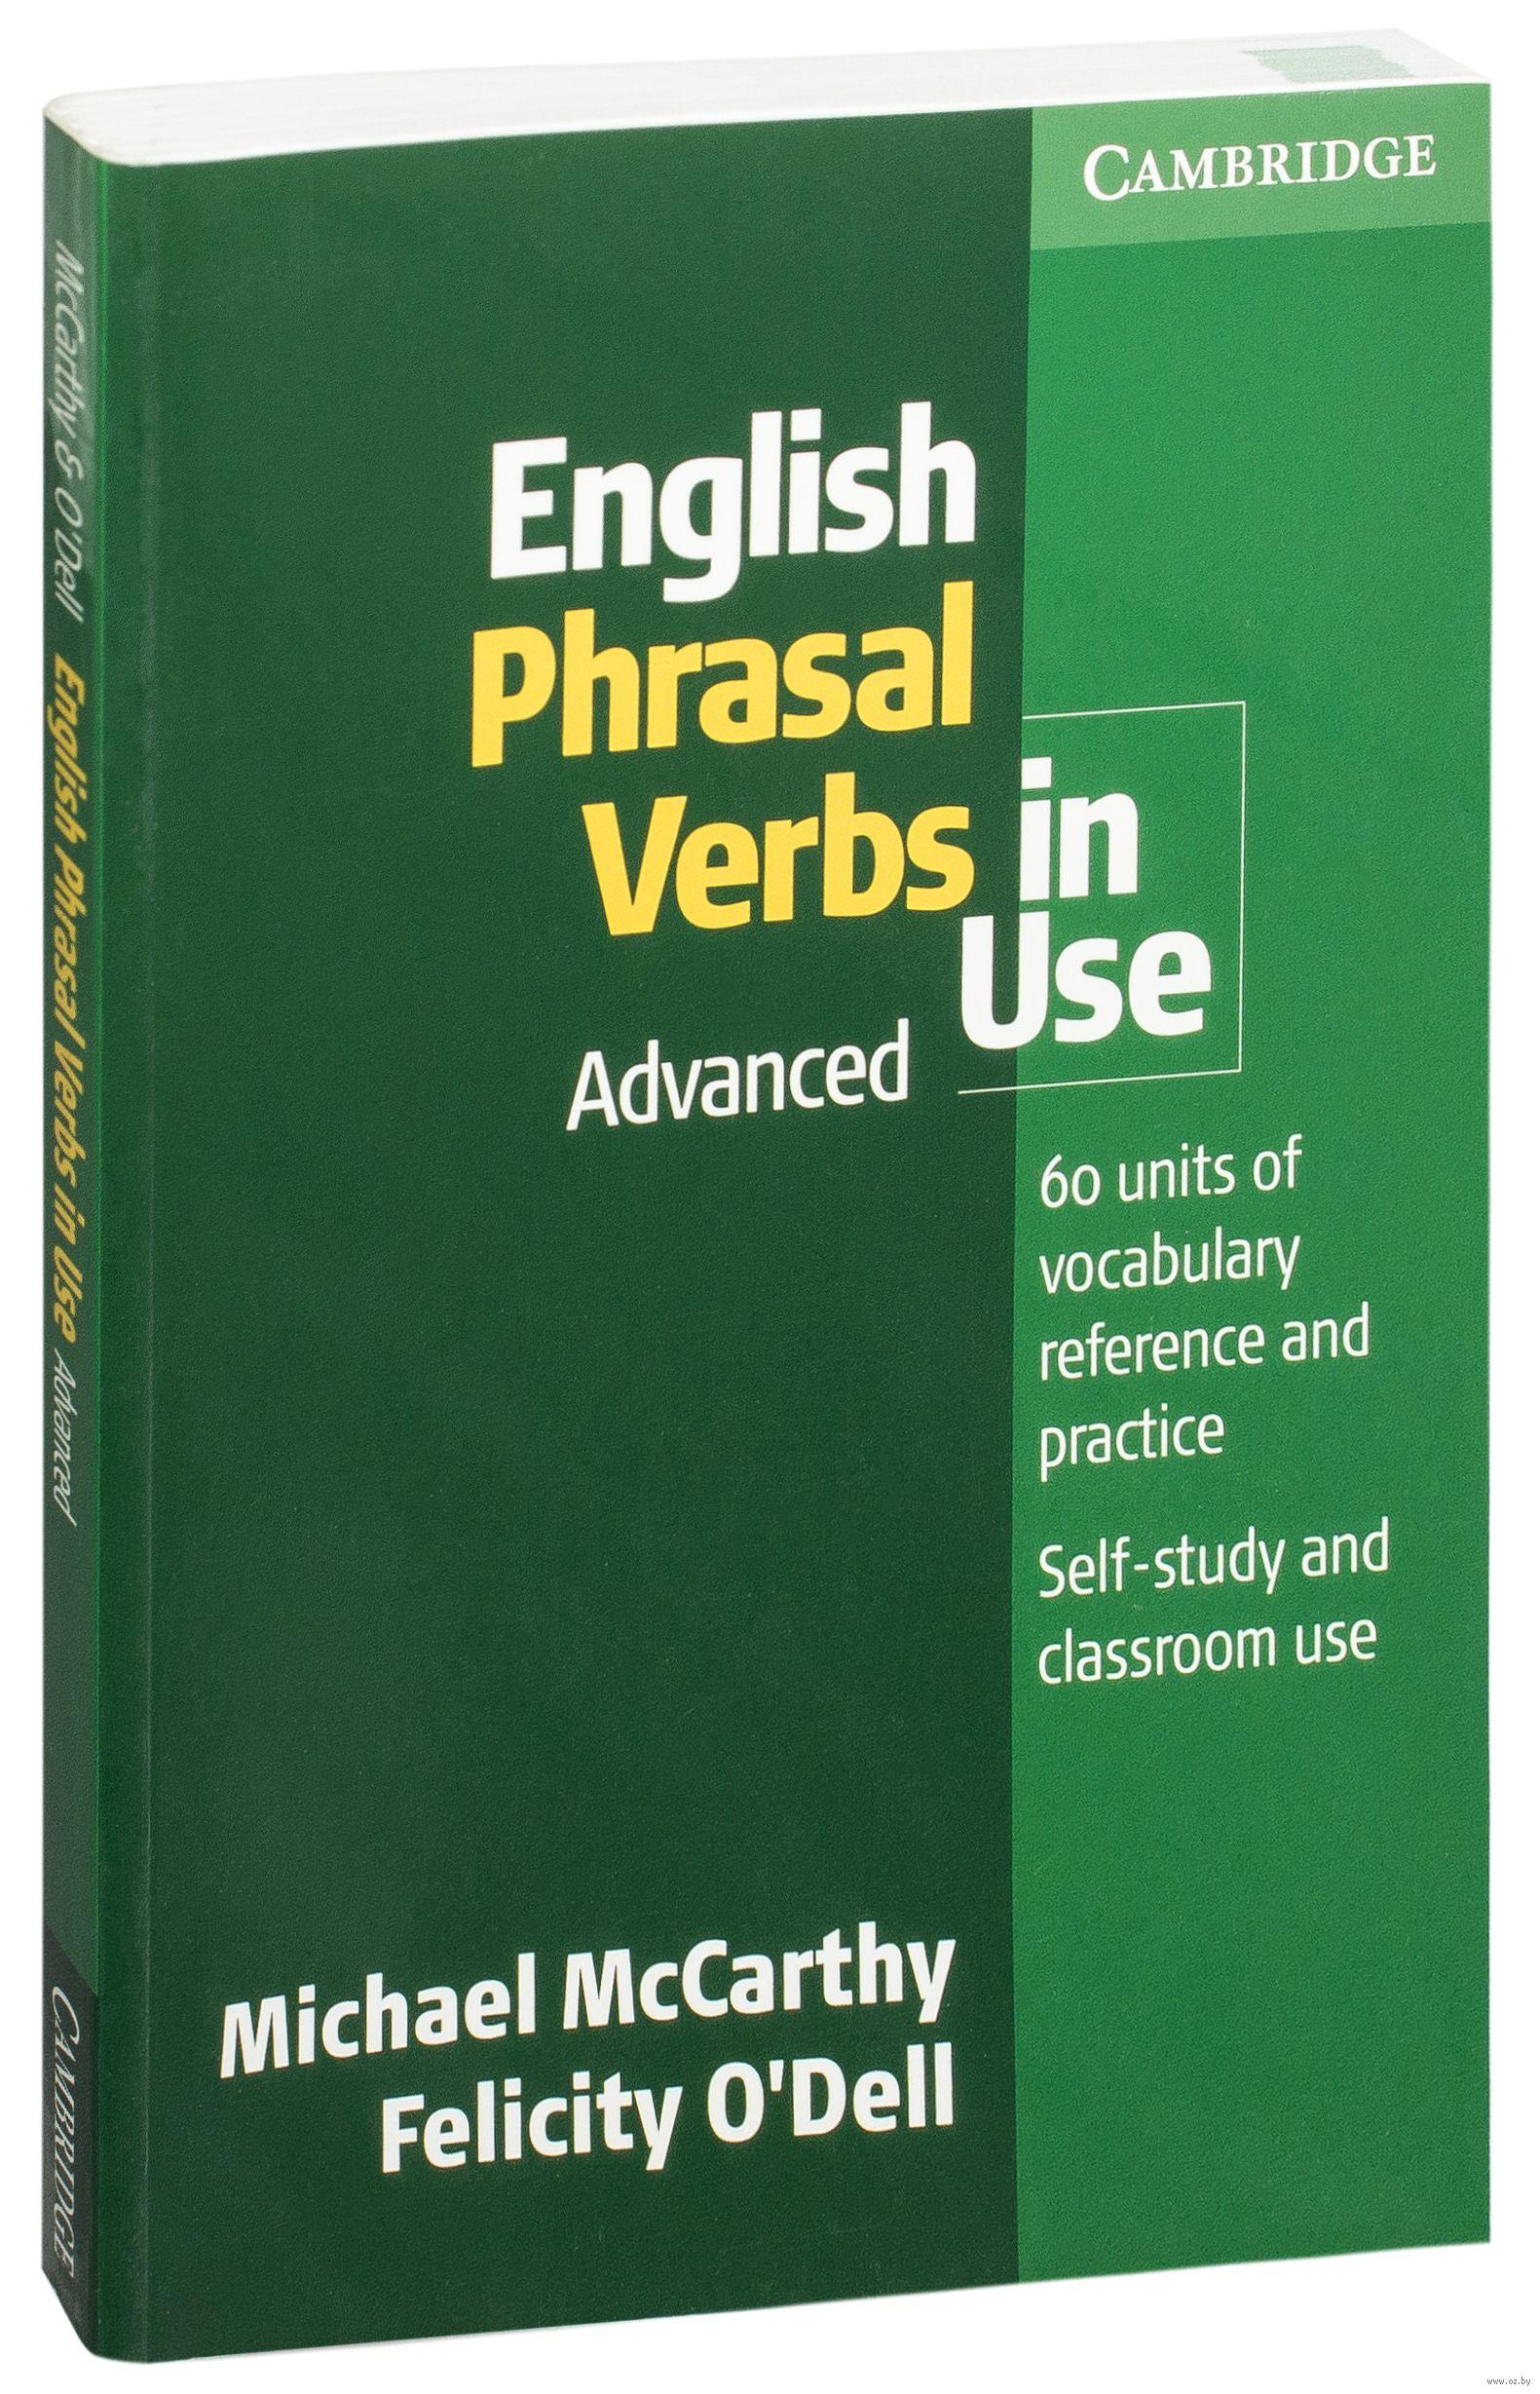 English Phrasal Verbs In Use Pdf